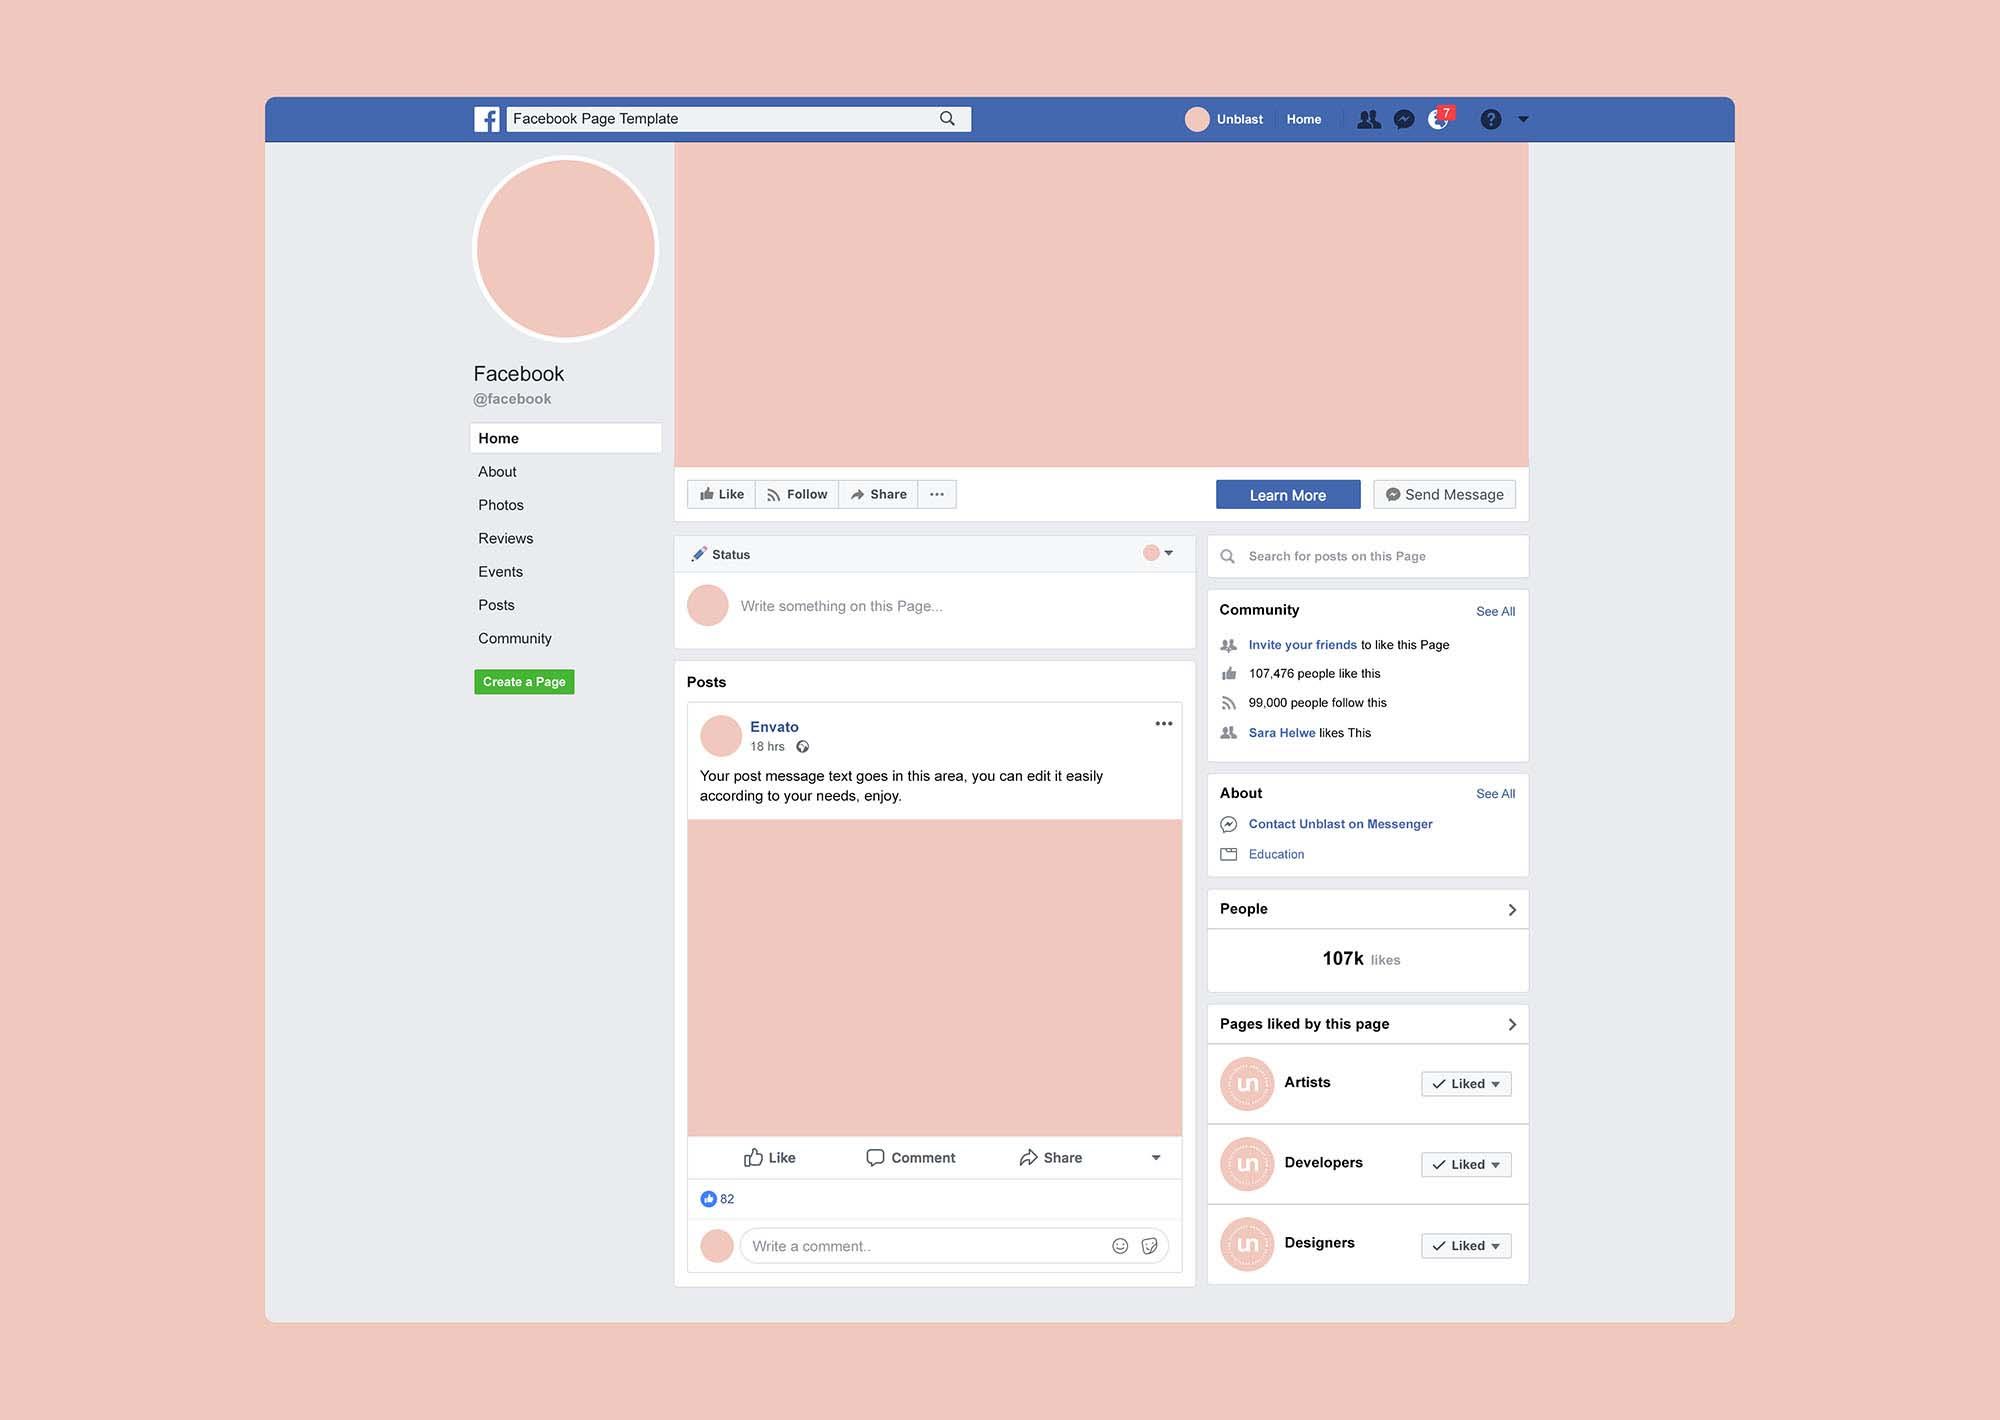 Jose Mier Facebook Page